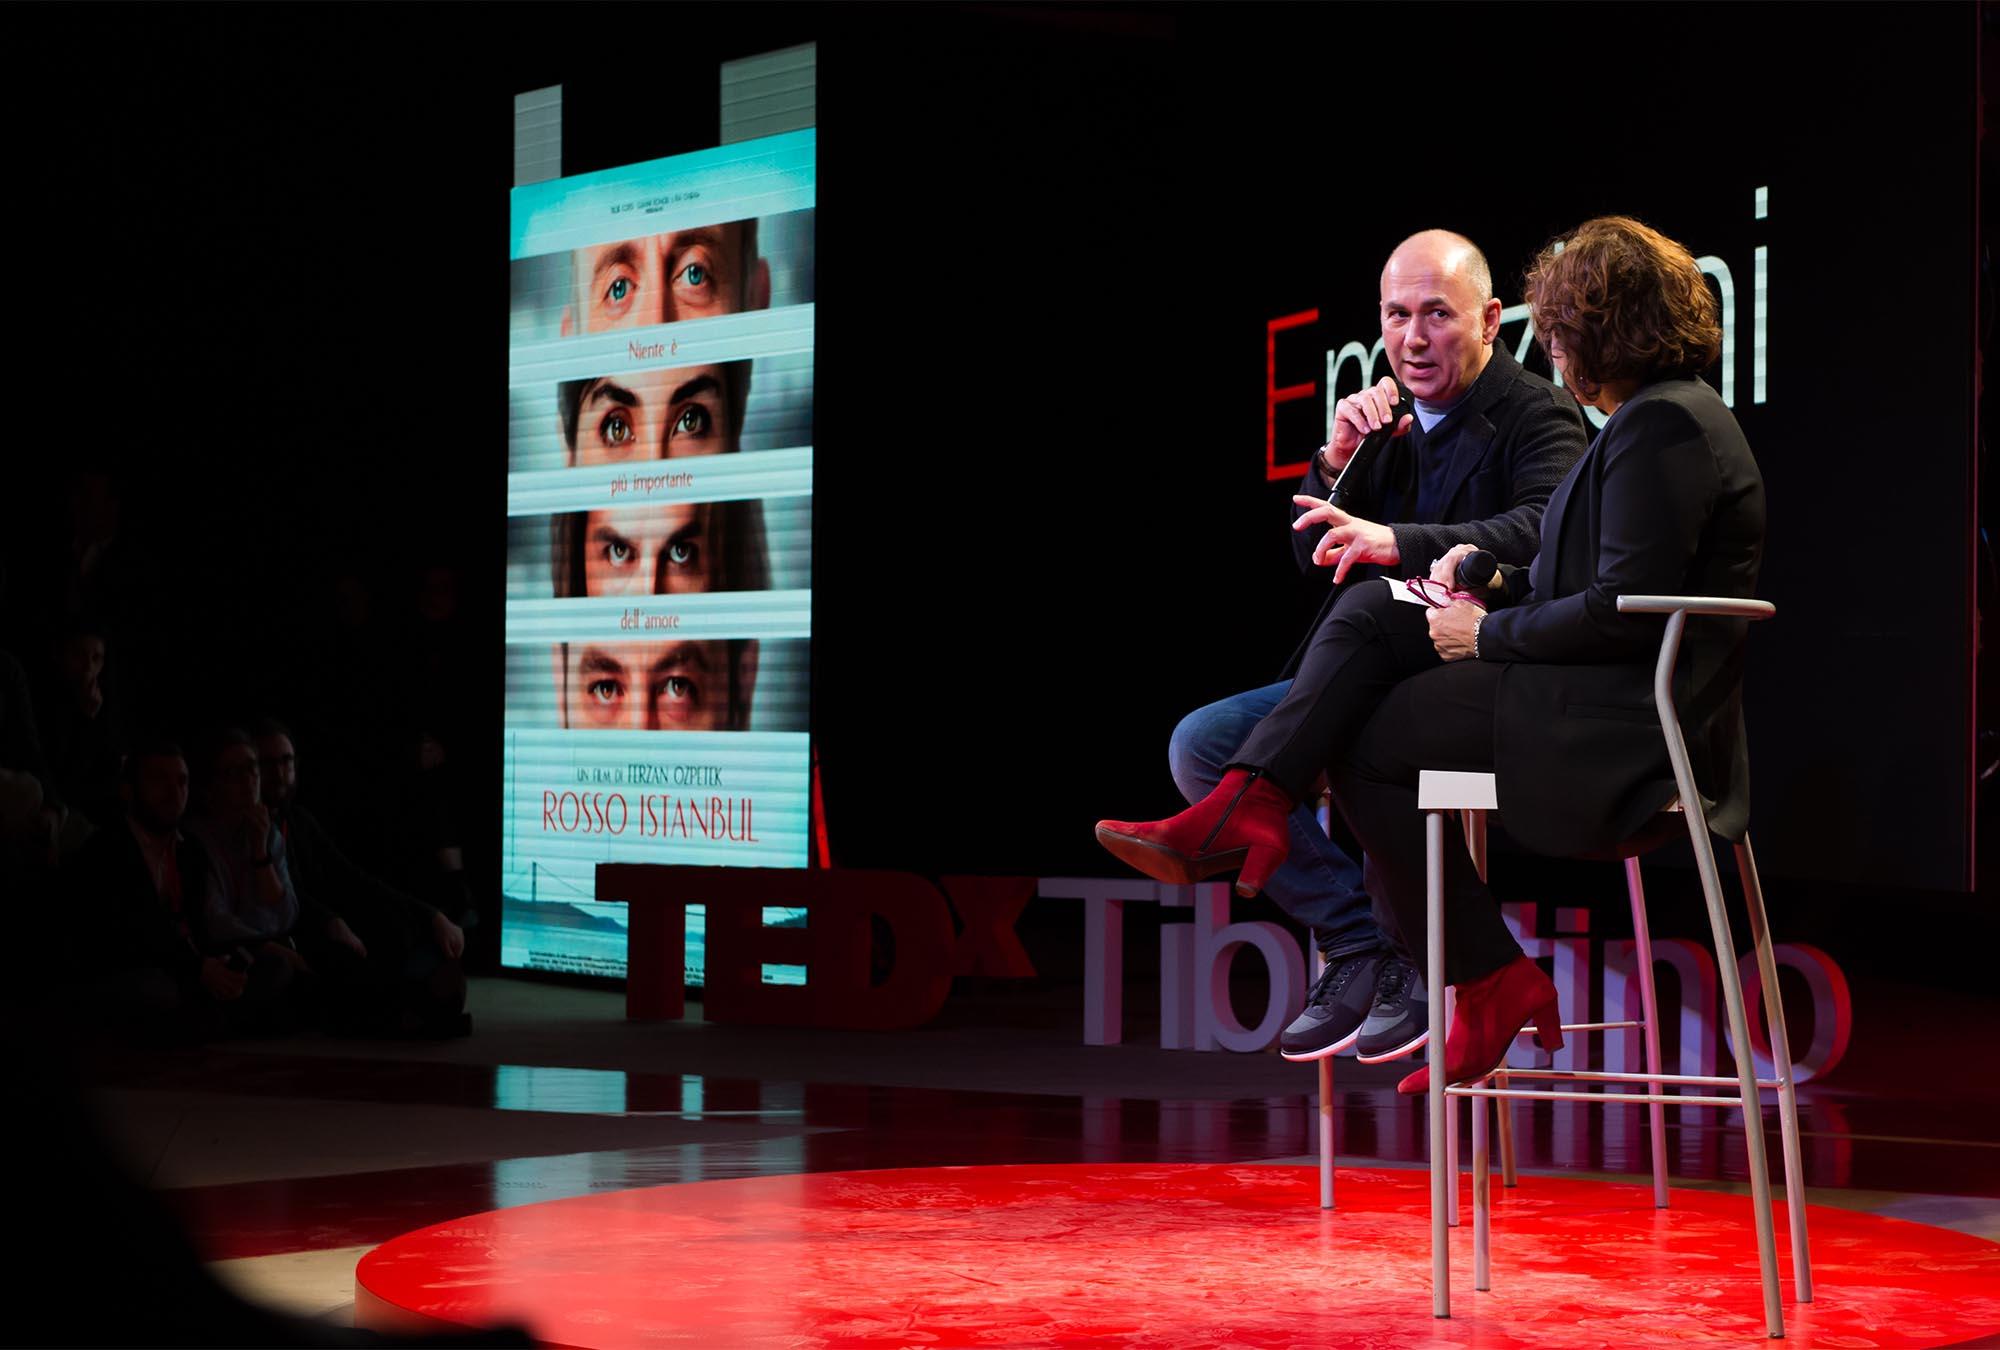 Tedx Tiburtino